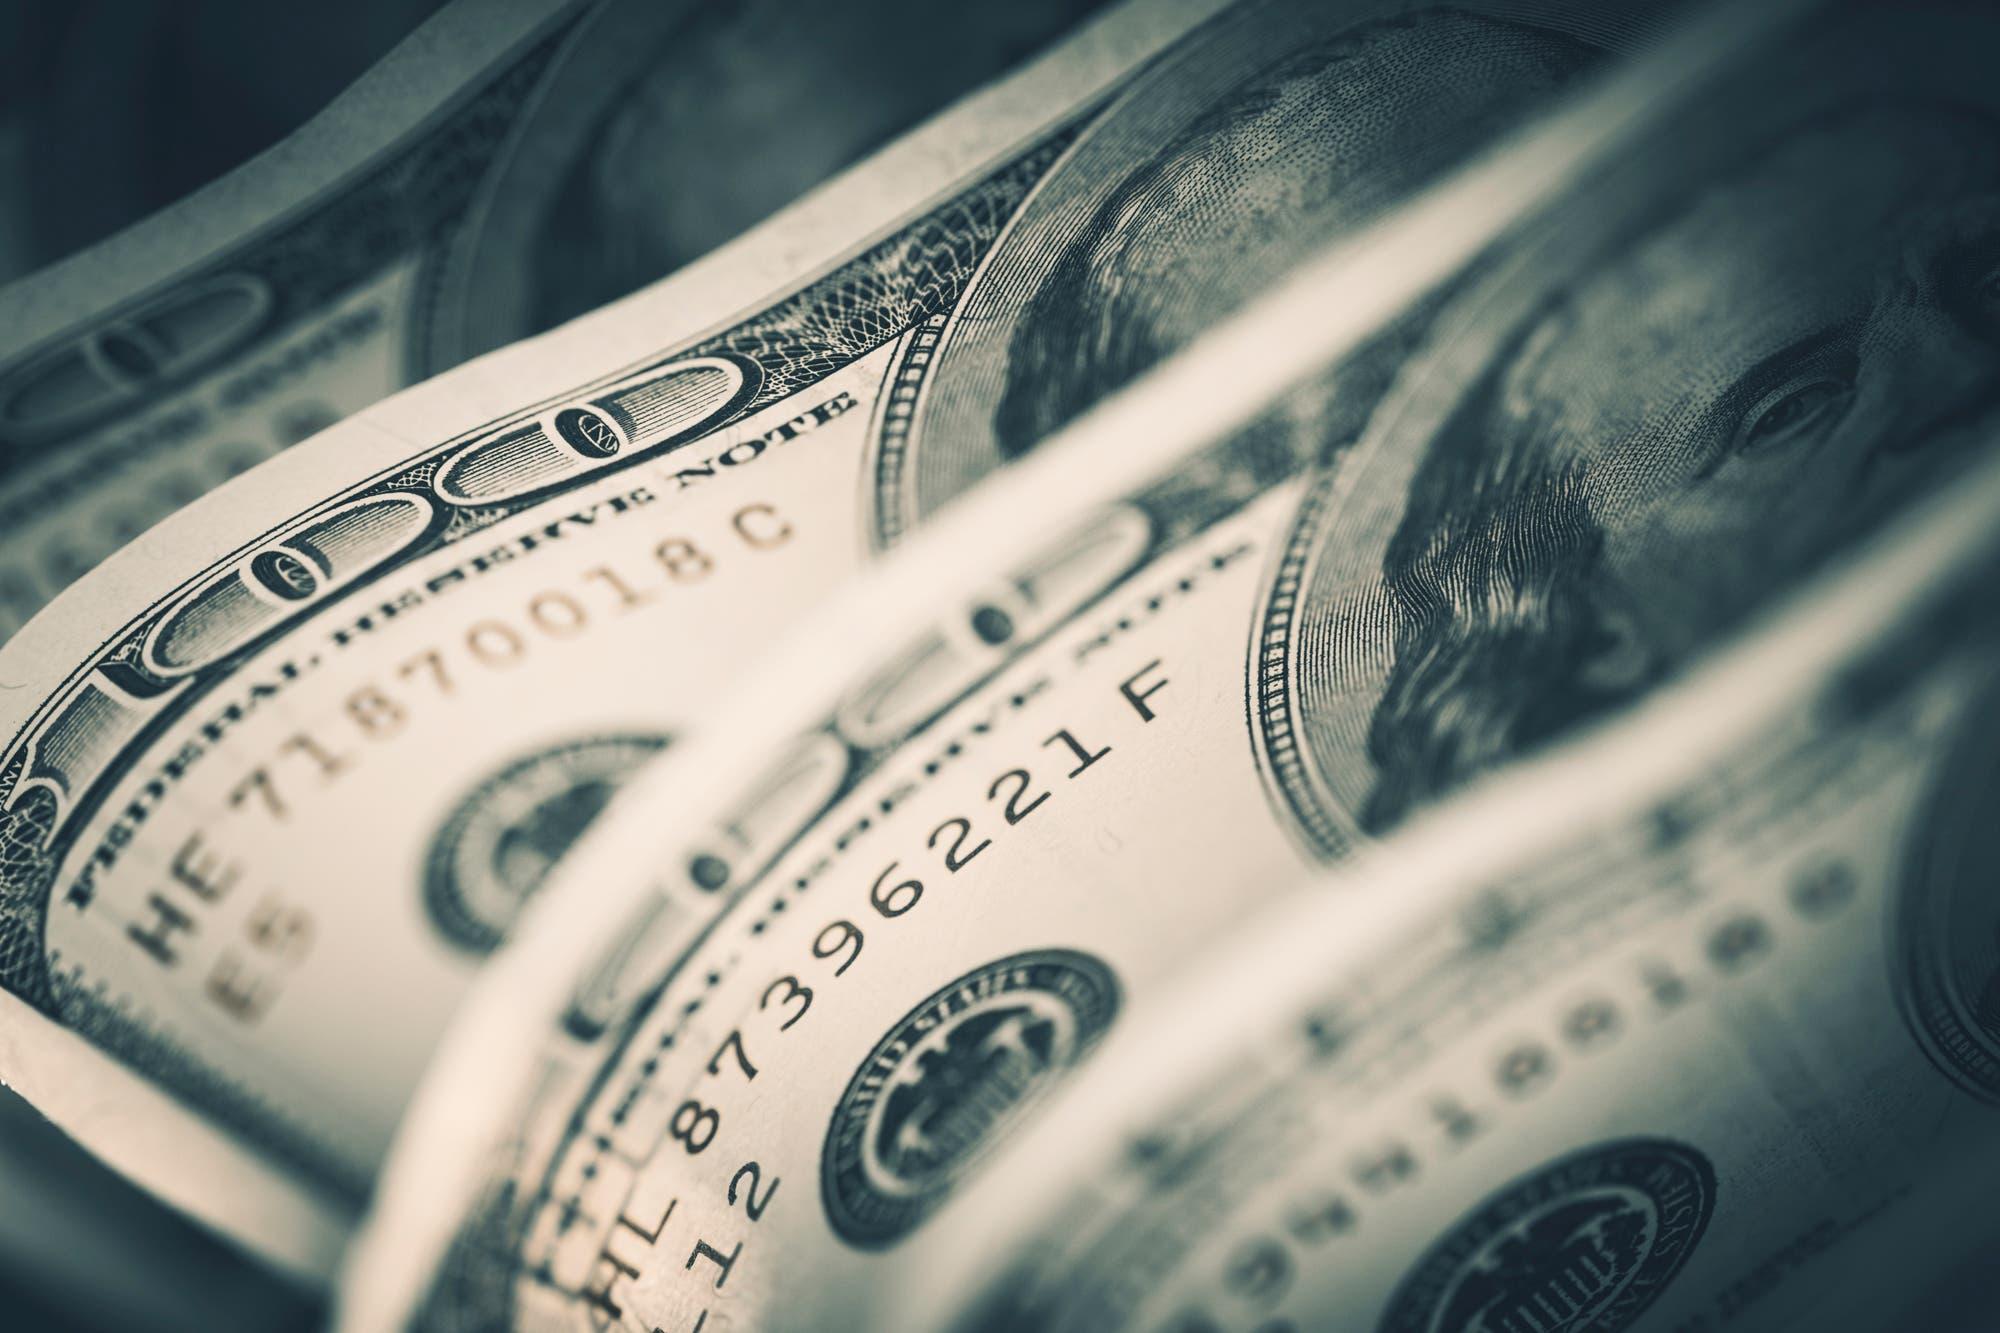 """Arrancó la """"temporada de oferta"""" del dólar libre, con bajas de hasta 4% en sus precios"""